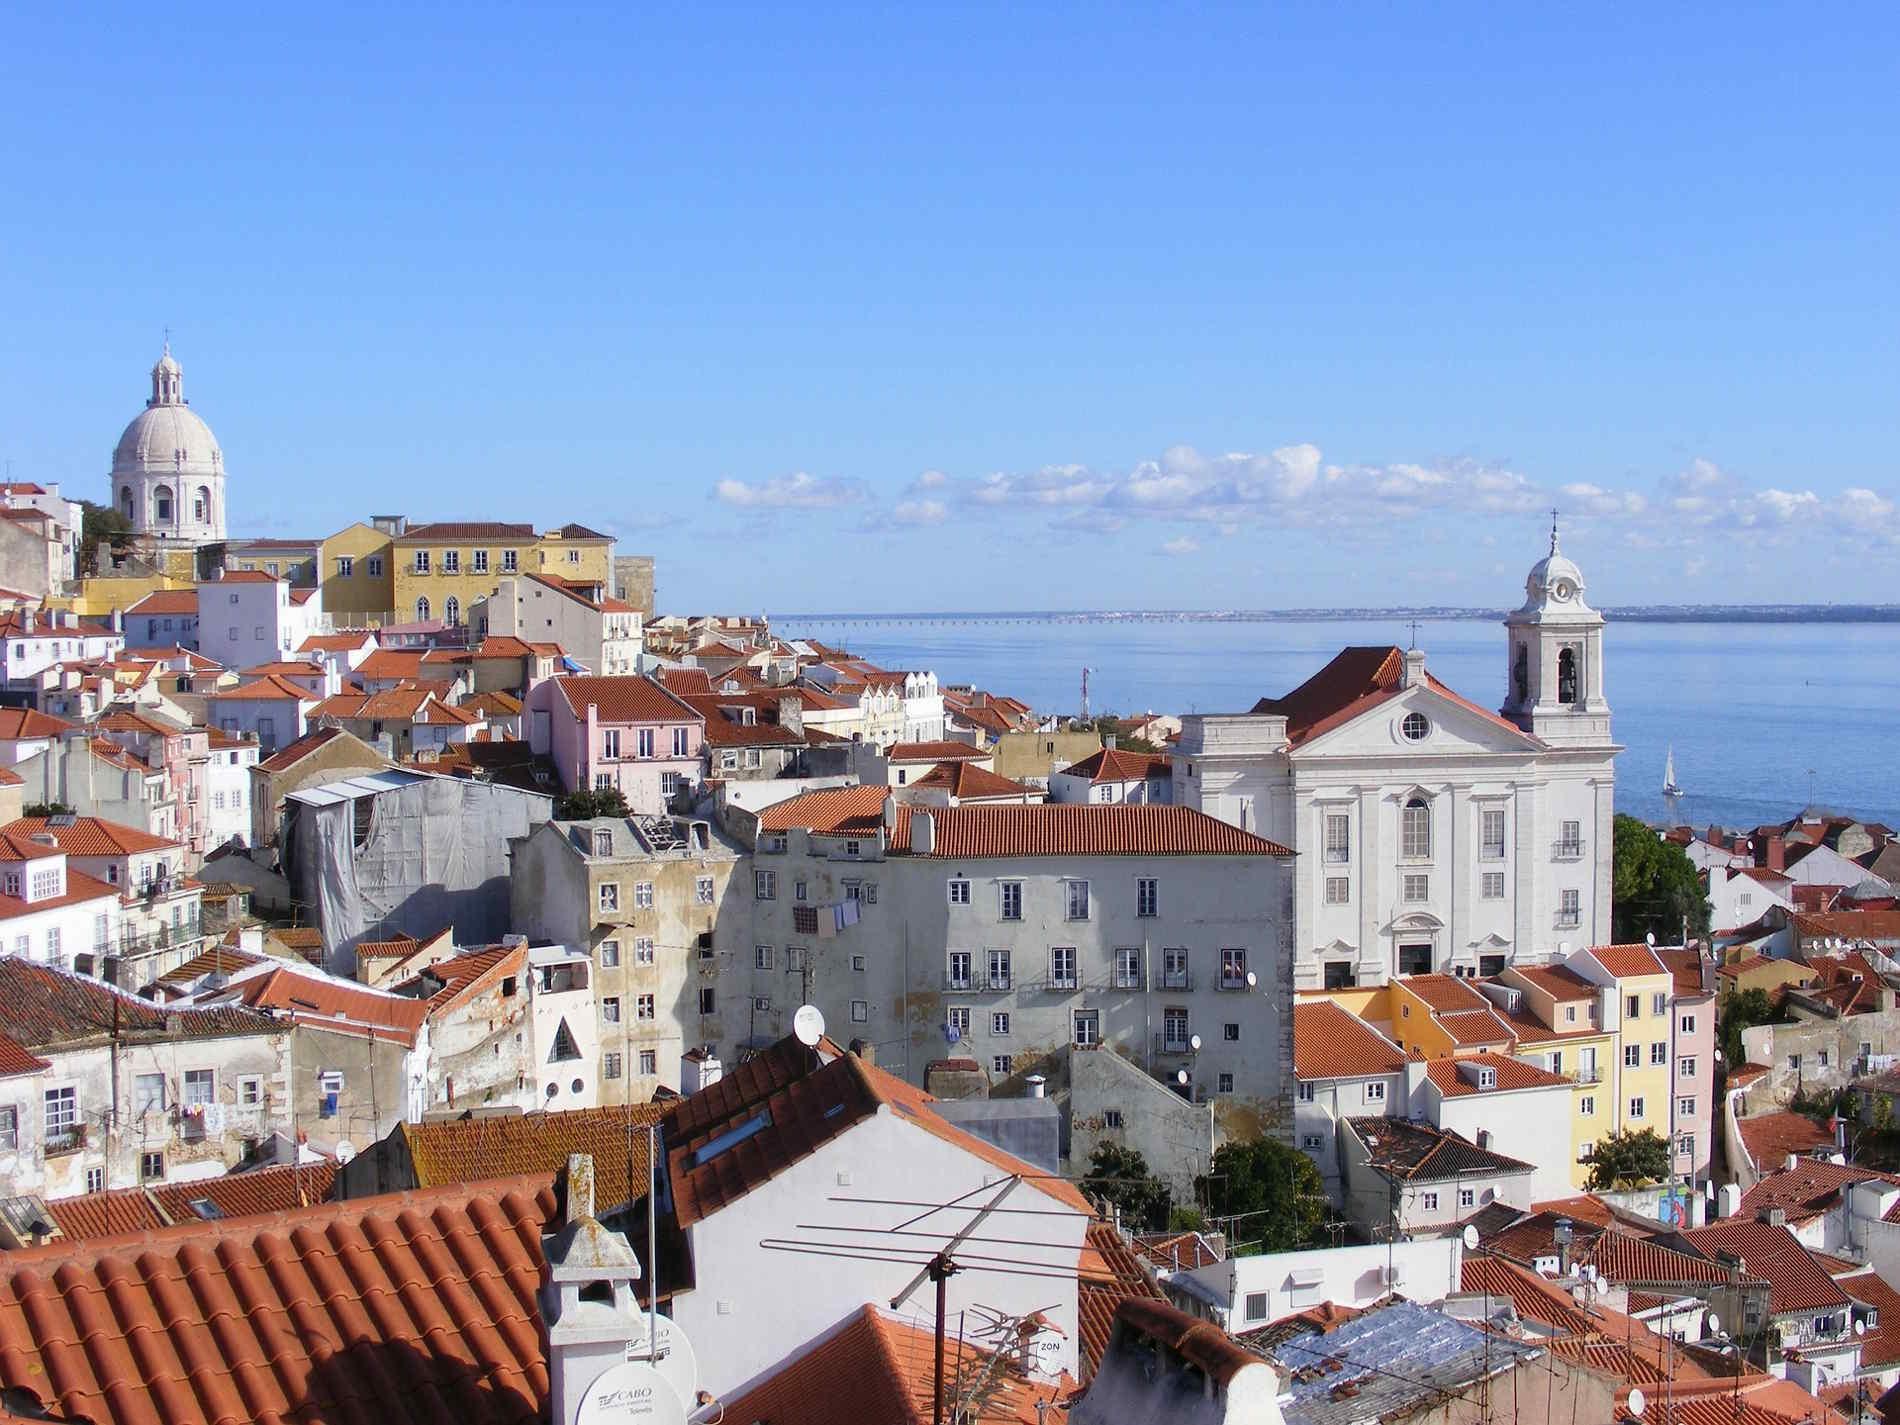 Il Mirador di Santa Lucia a Lisbona, in Portogallo - Cosa fare e vedere nelle capitali Europee